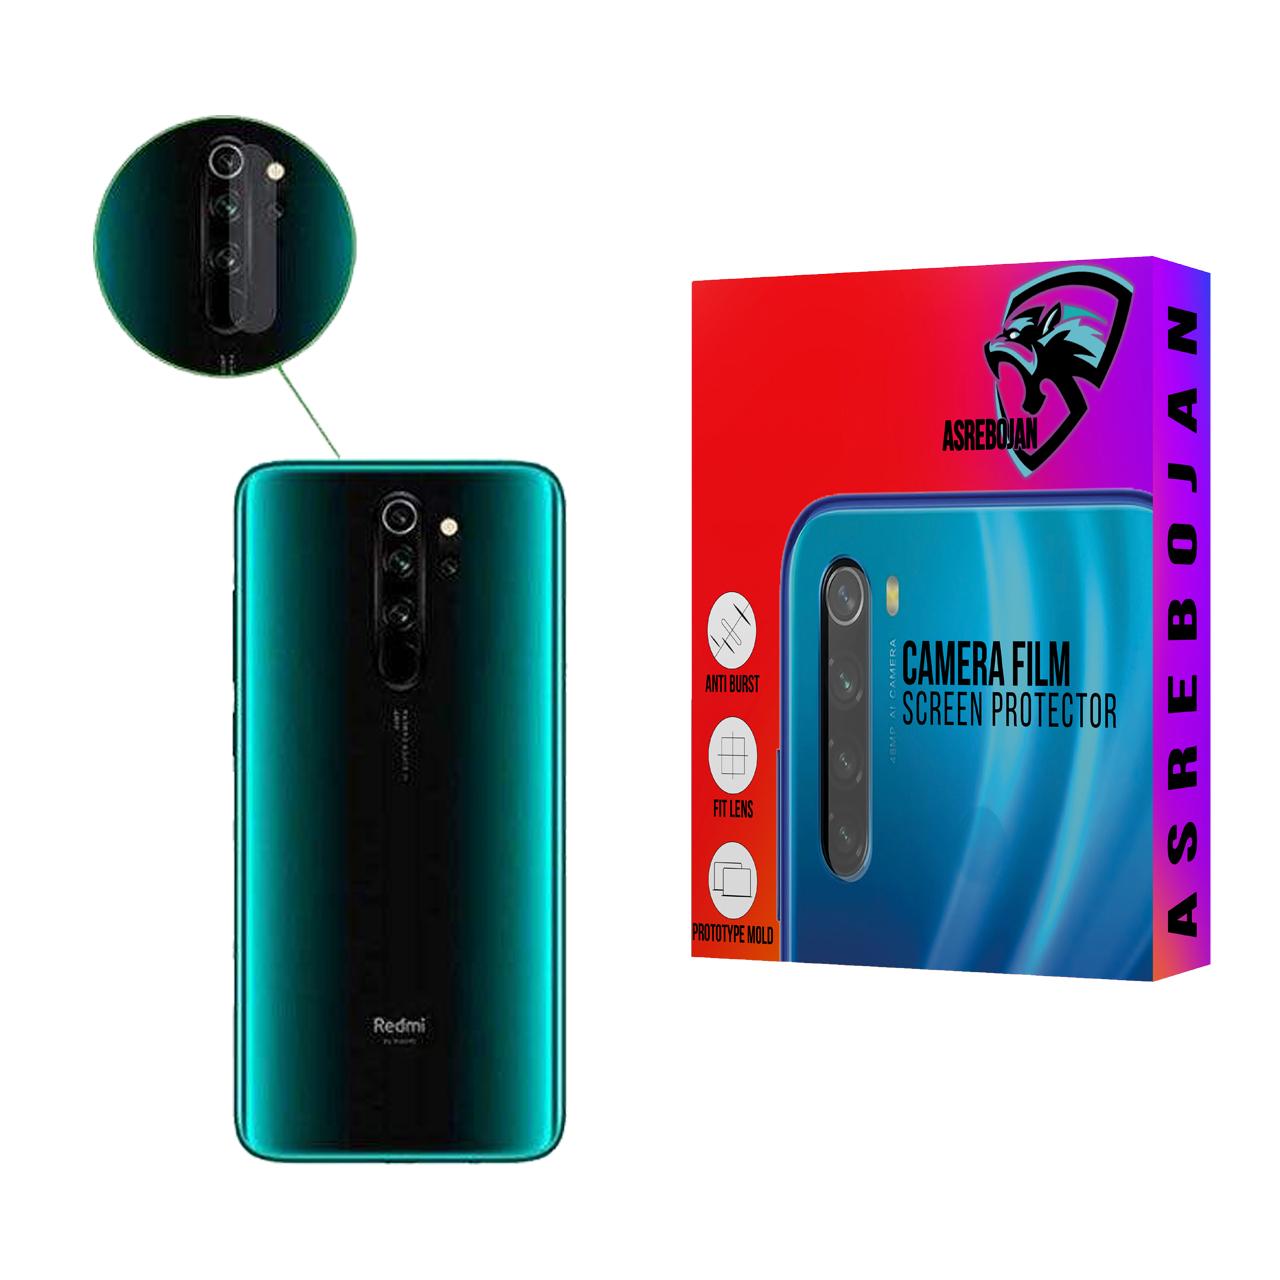 محافظ لنز دوربین عصر بوژان مدل b1 مناسب برای گوشی موبایل شیائومی mi note 8 pro